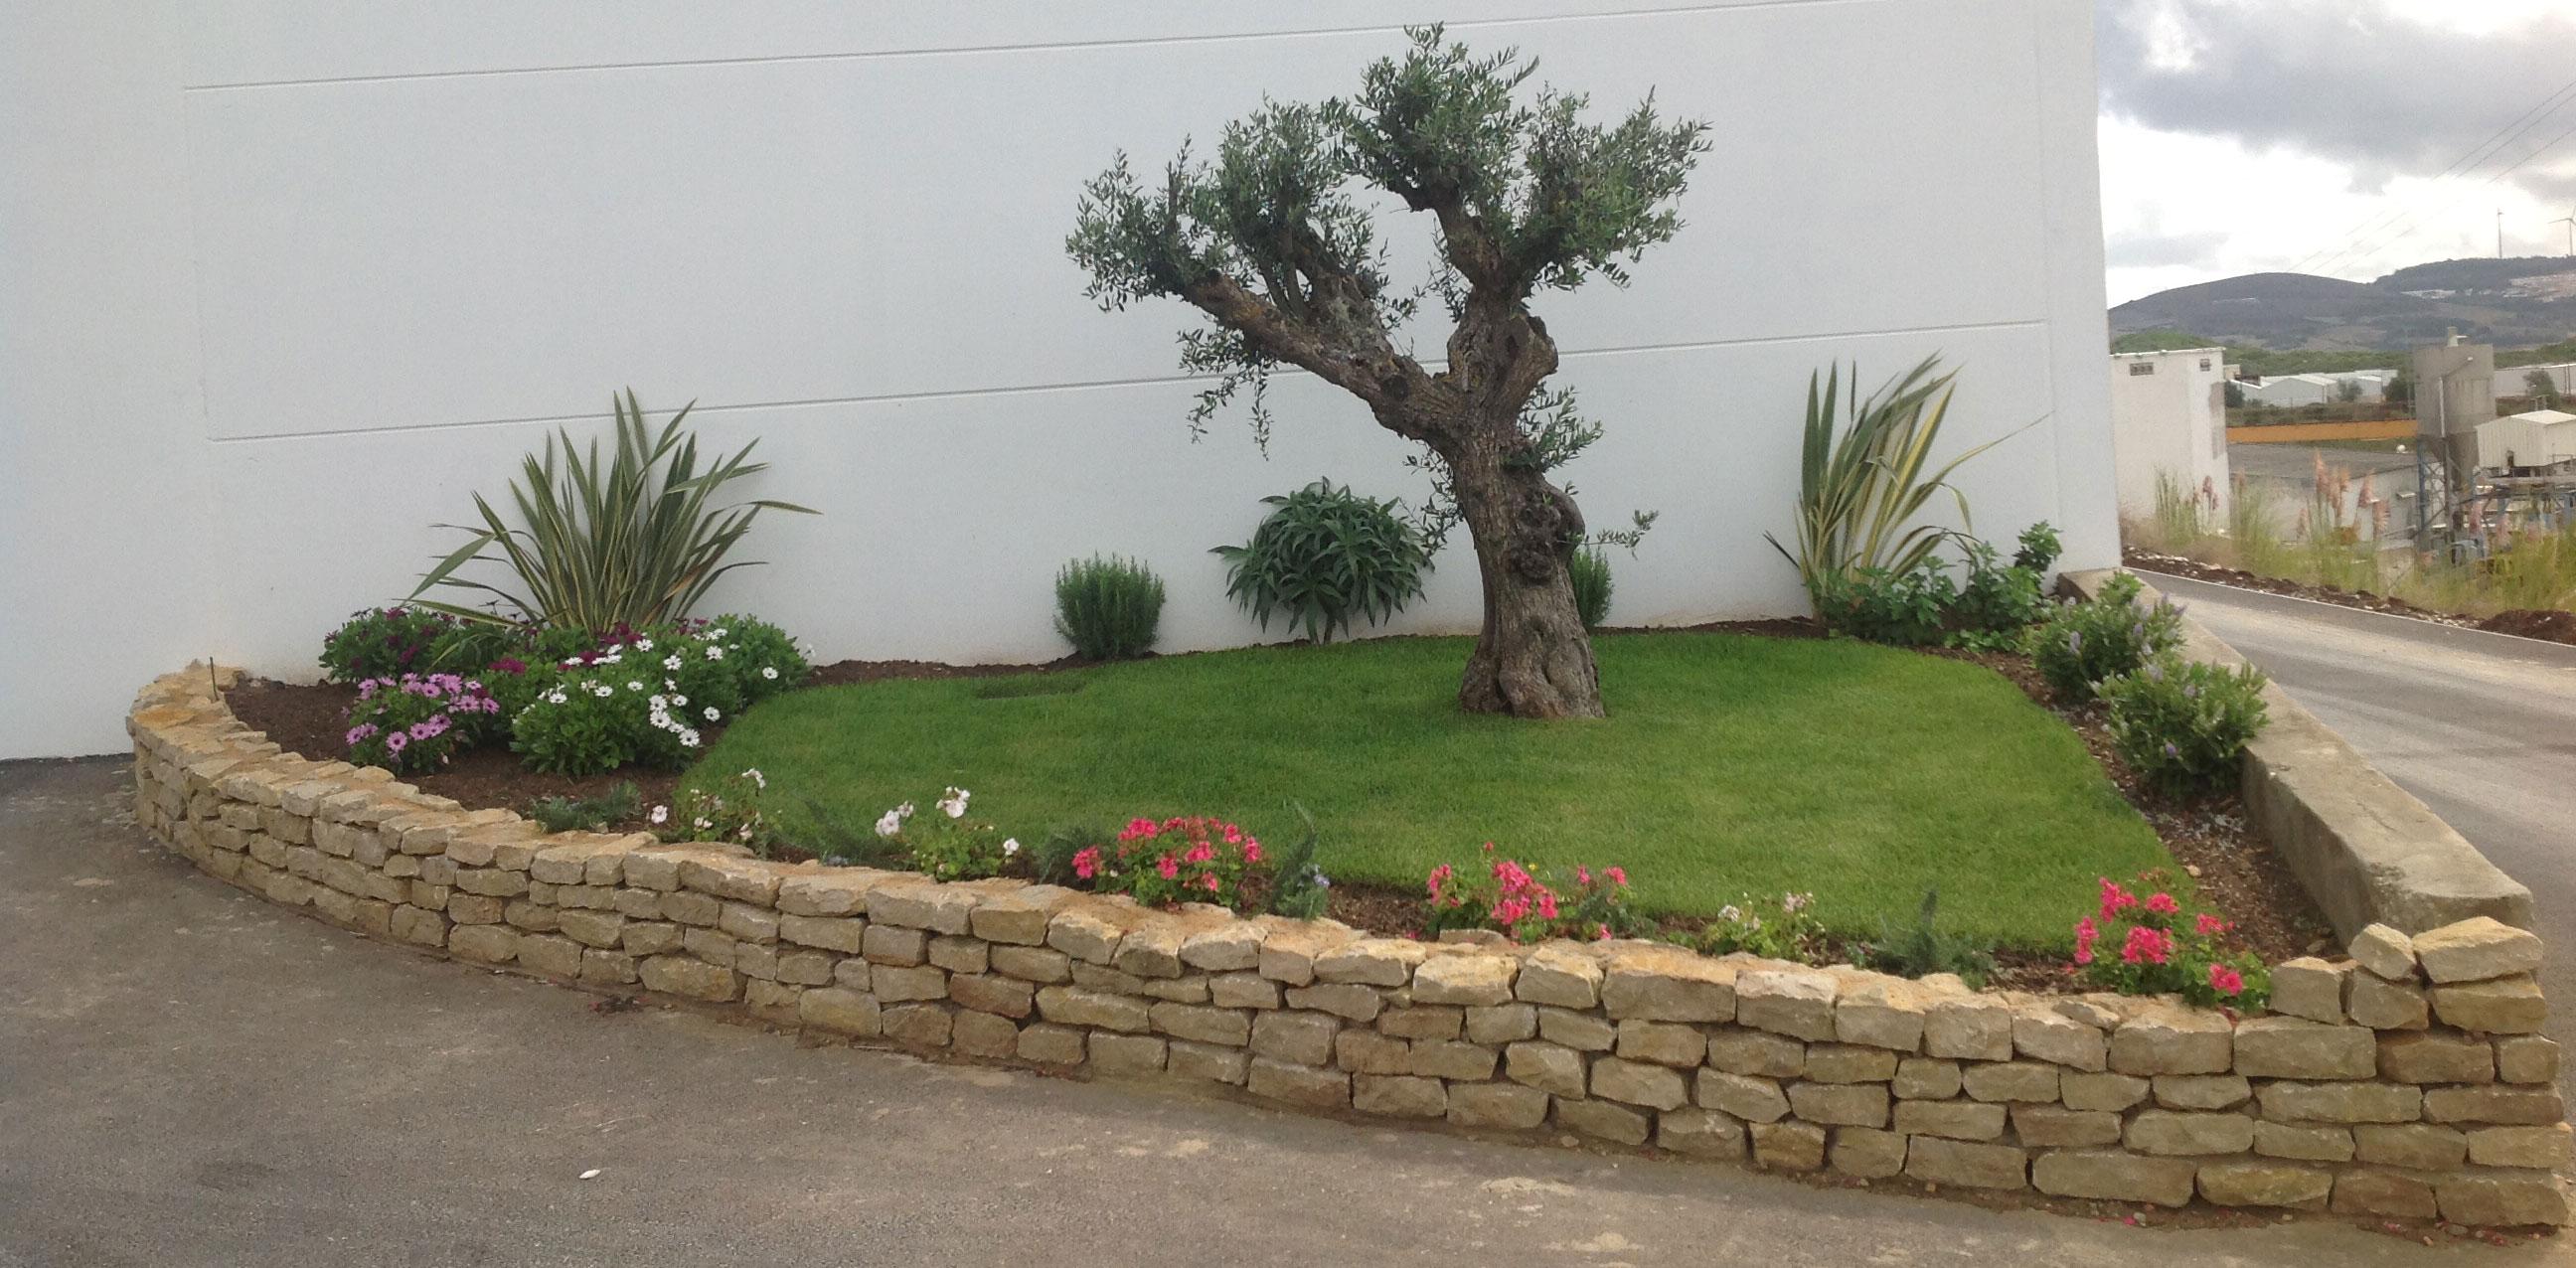 pedras jardins pequenos : pedras jardins pequenos:Pequenos Jardins